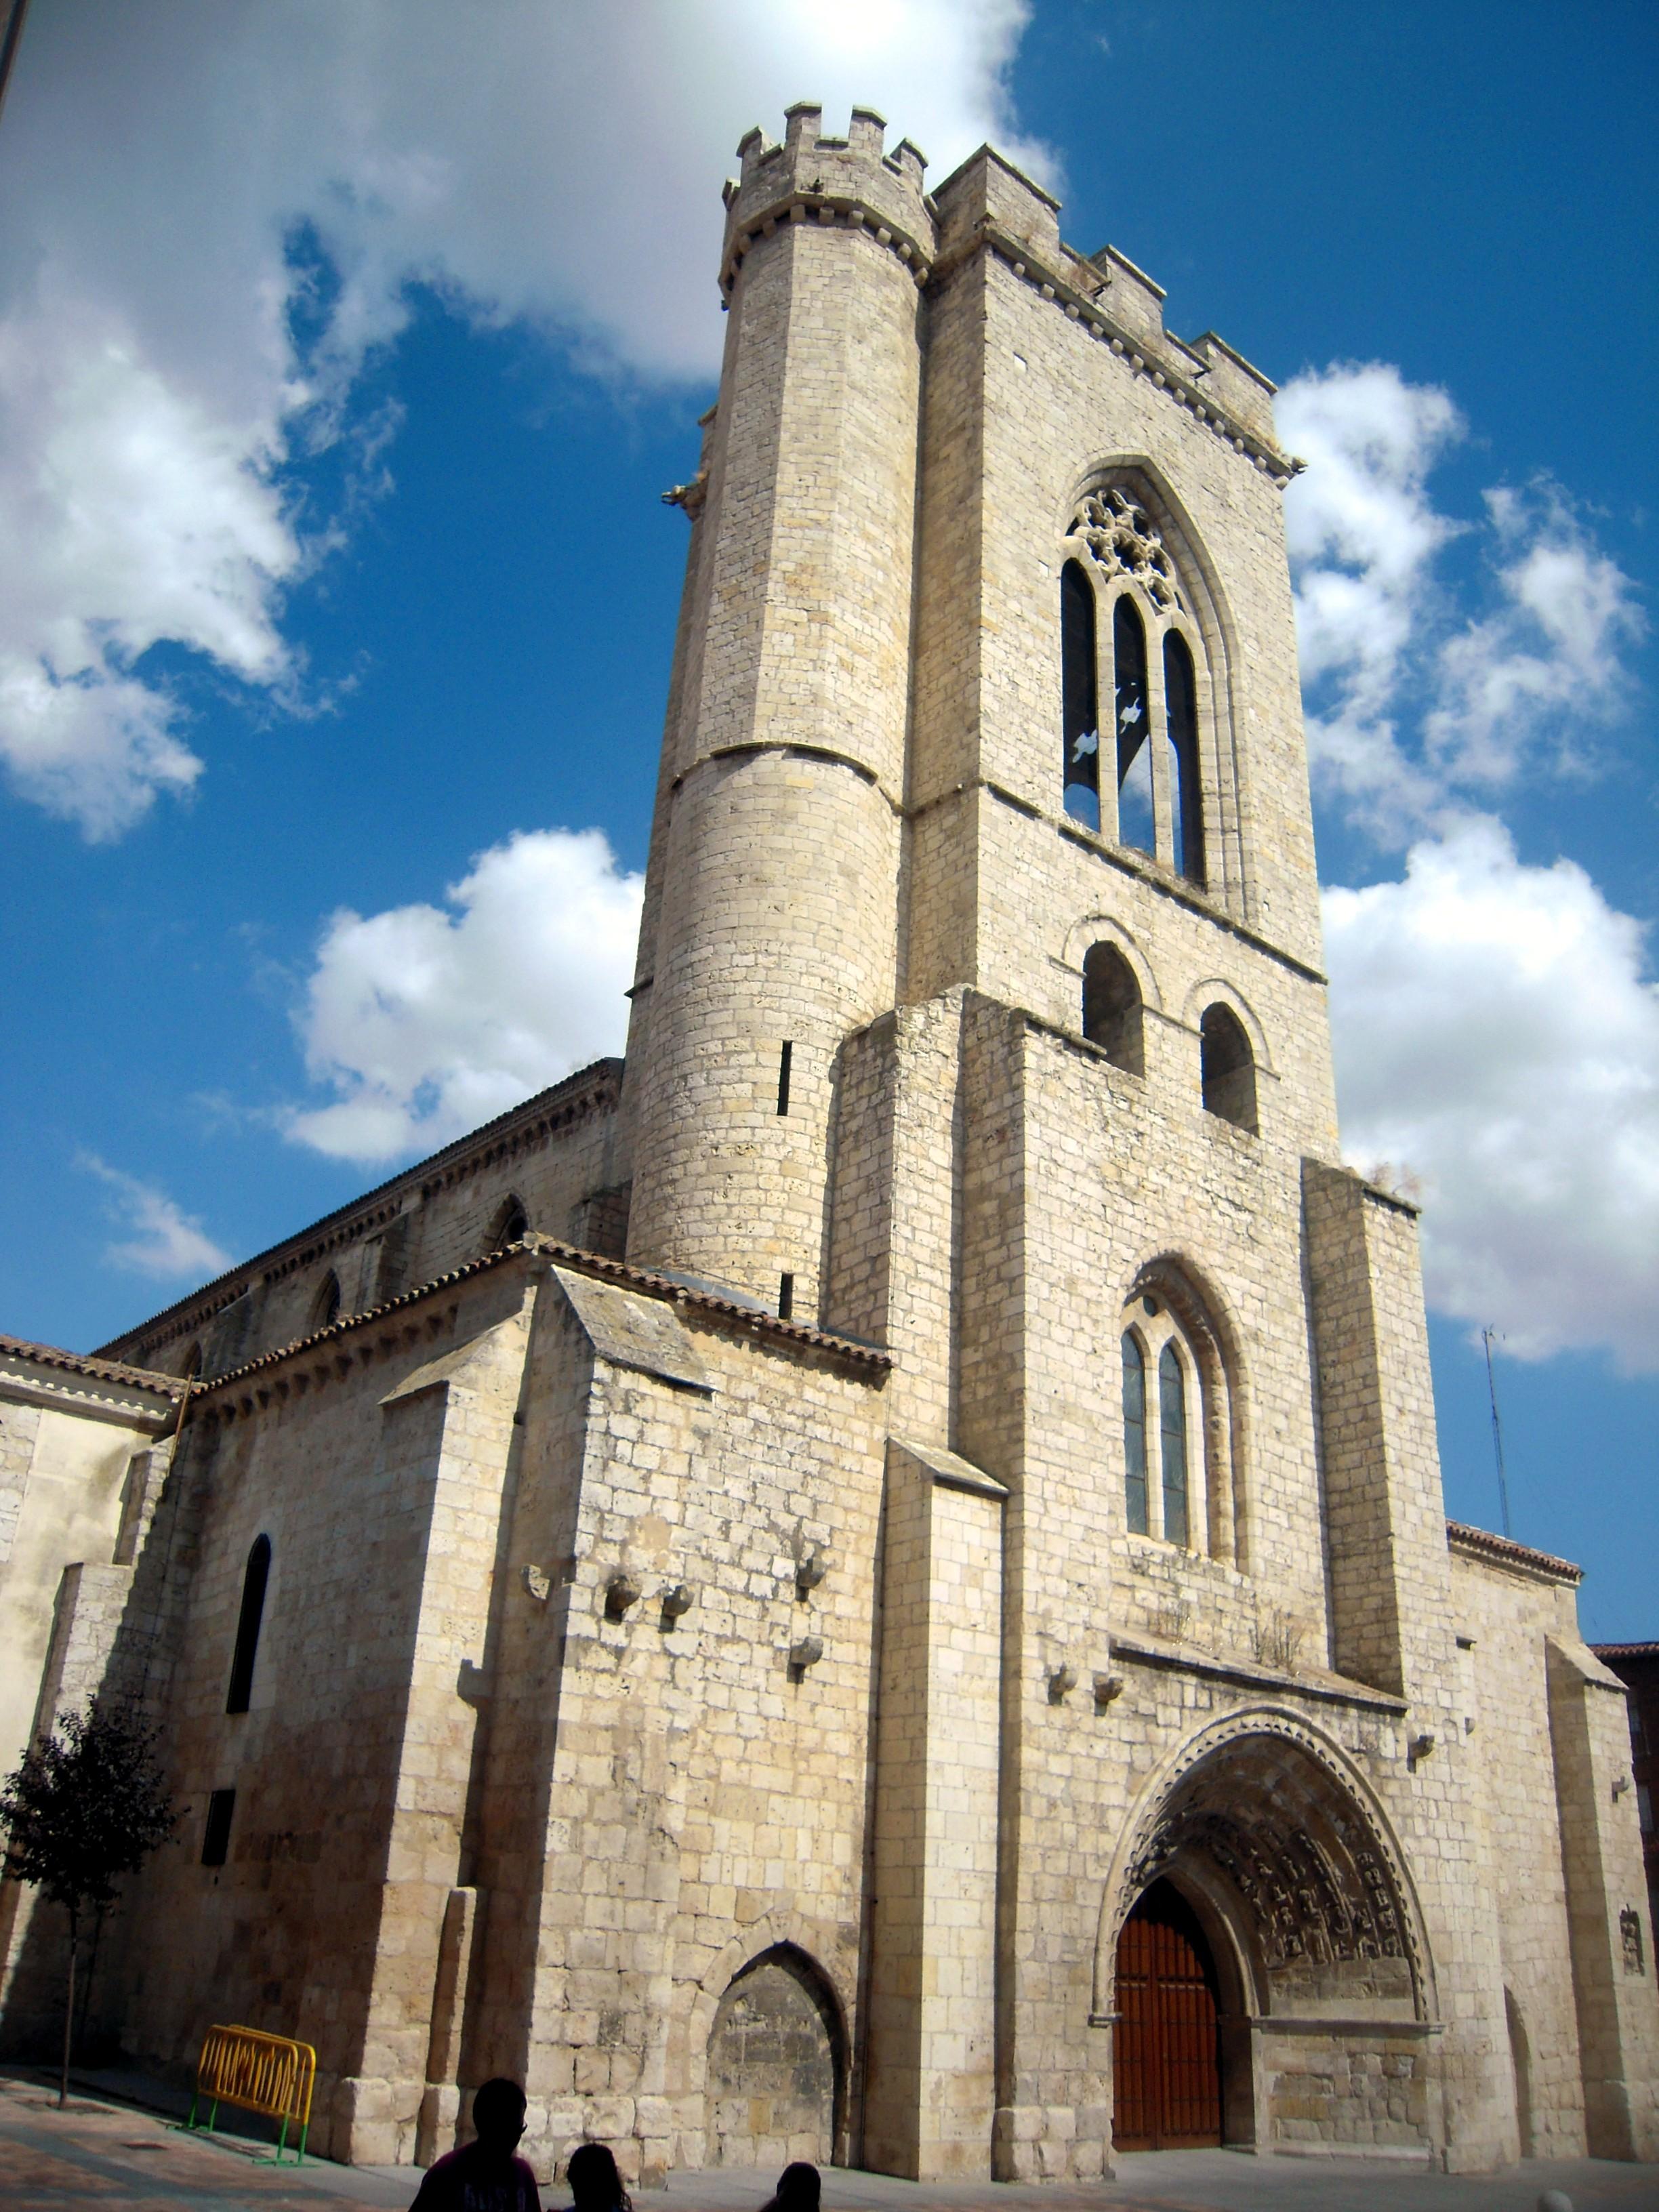 Iglesia de San Miguel (Palencia) - Wikipedia, la enciclopedia libre